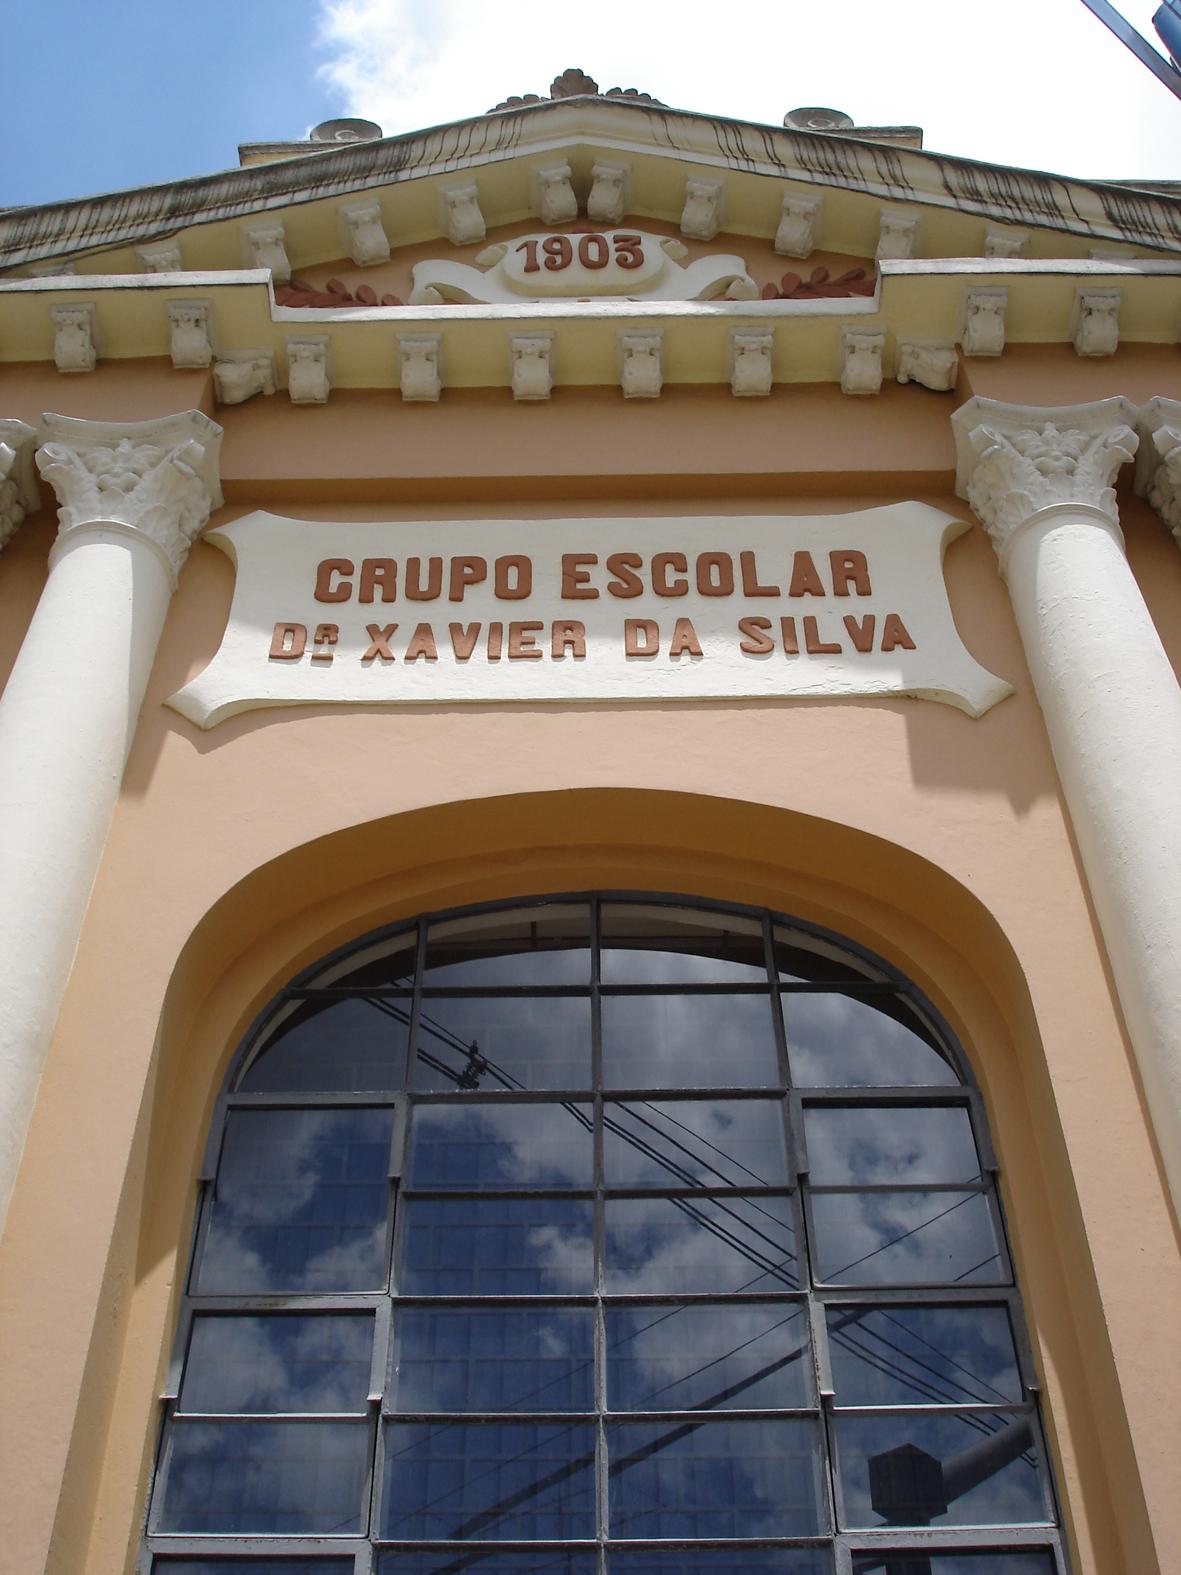 Detalhe da ornamentação da ala central do Colégio Estadual Dr. Xavier da Silva, em 2008. Em destaque, a placa indicativa da escola, a colunata coríntia e o frontão localizados na esquina das avenidas Silva Jardim e Marechal Floriano.